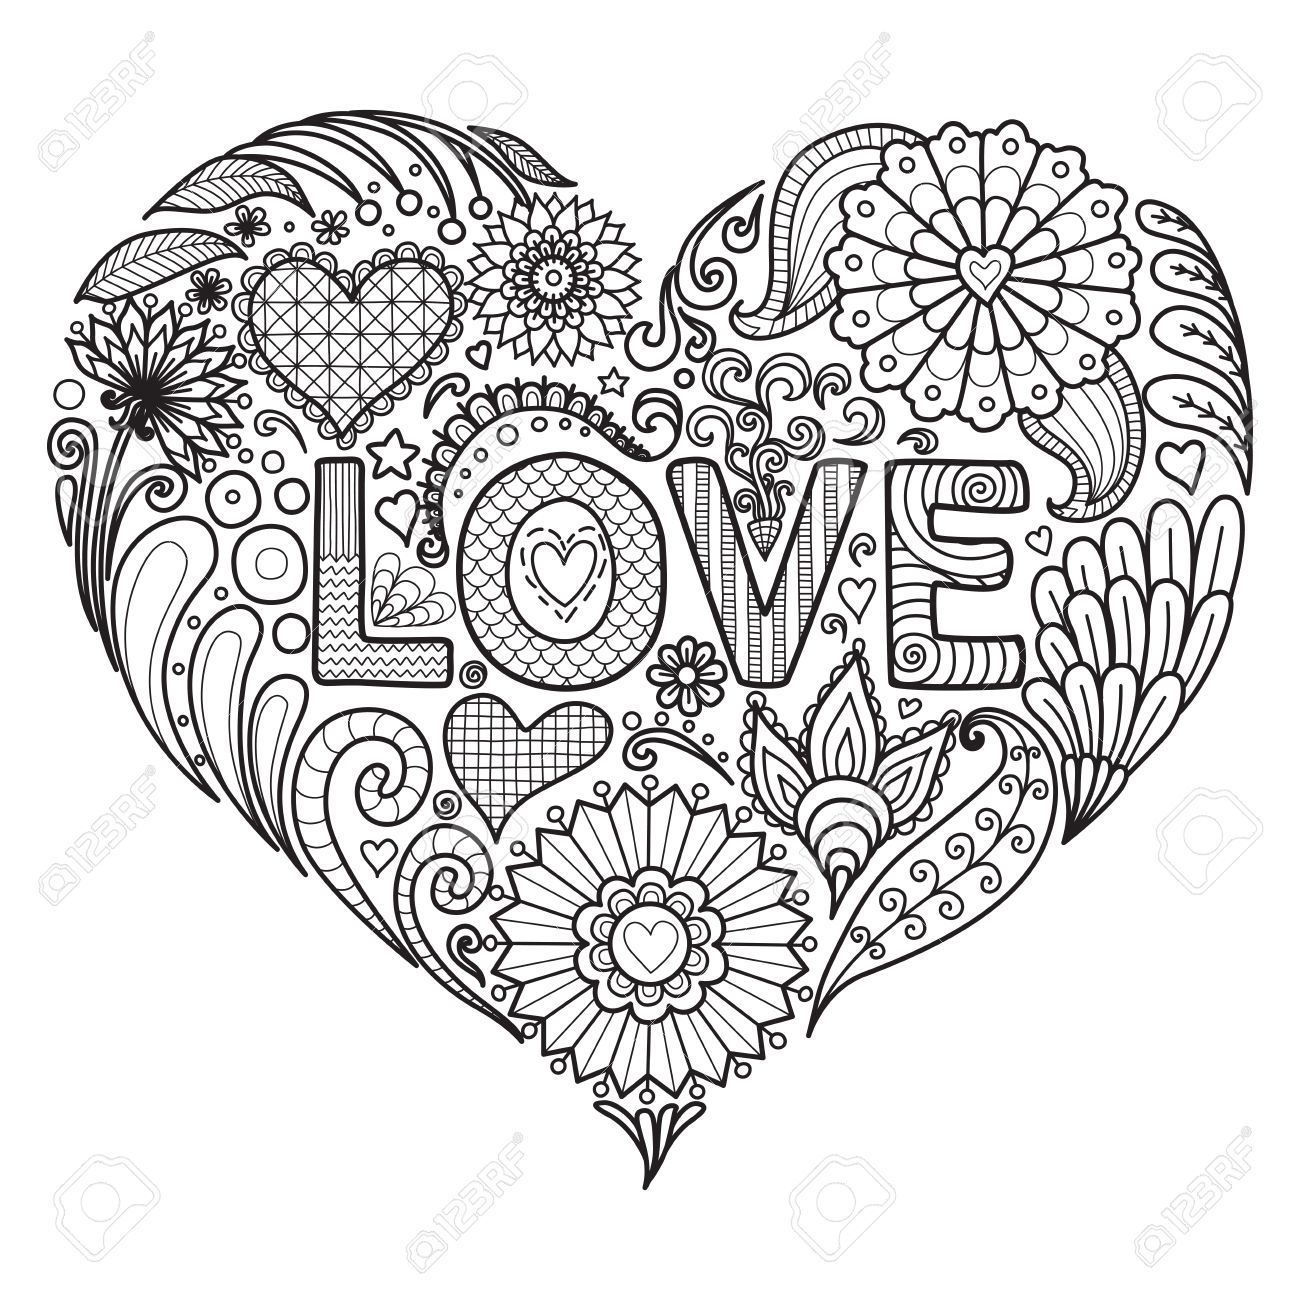 Fleurs Et Textes D Amour Dans La Conception En Forme De Coeur Pour Le Livre à Colorier Pour Les Adultes Cartes Etc